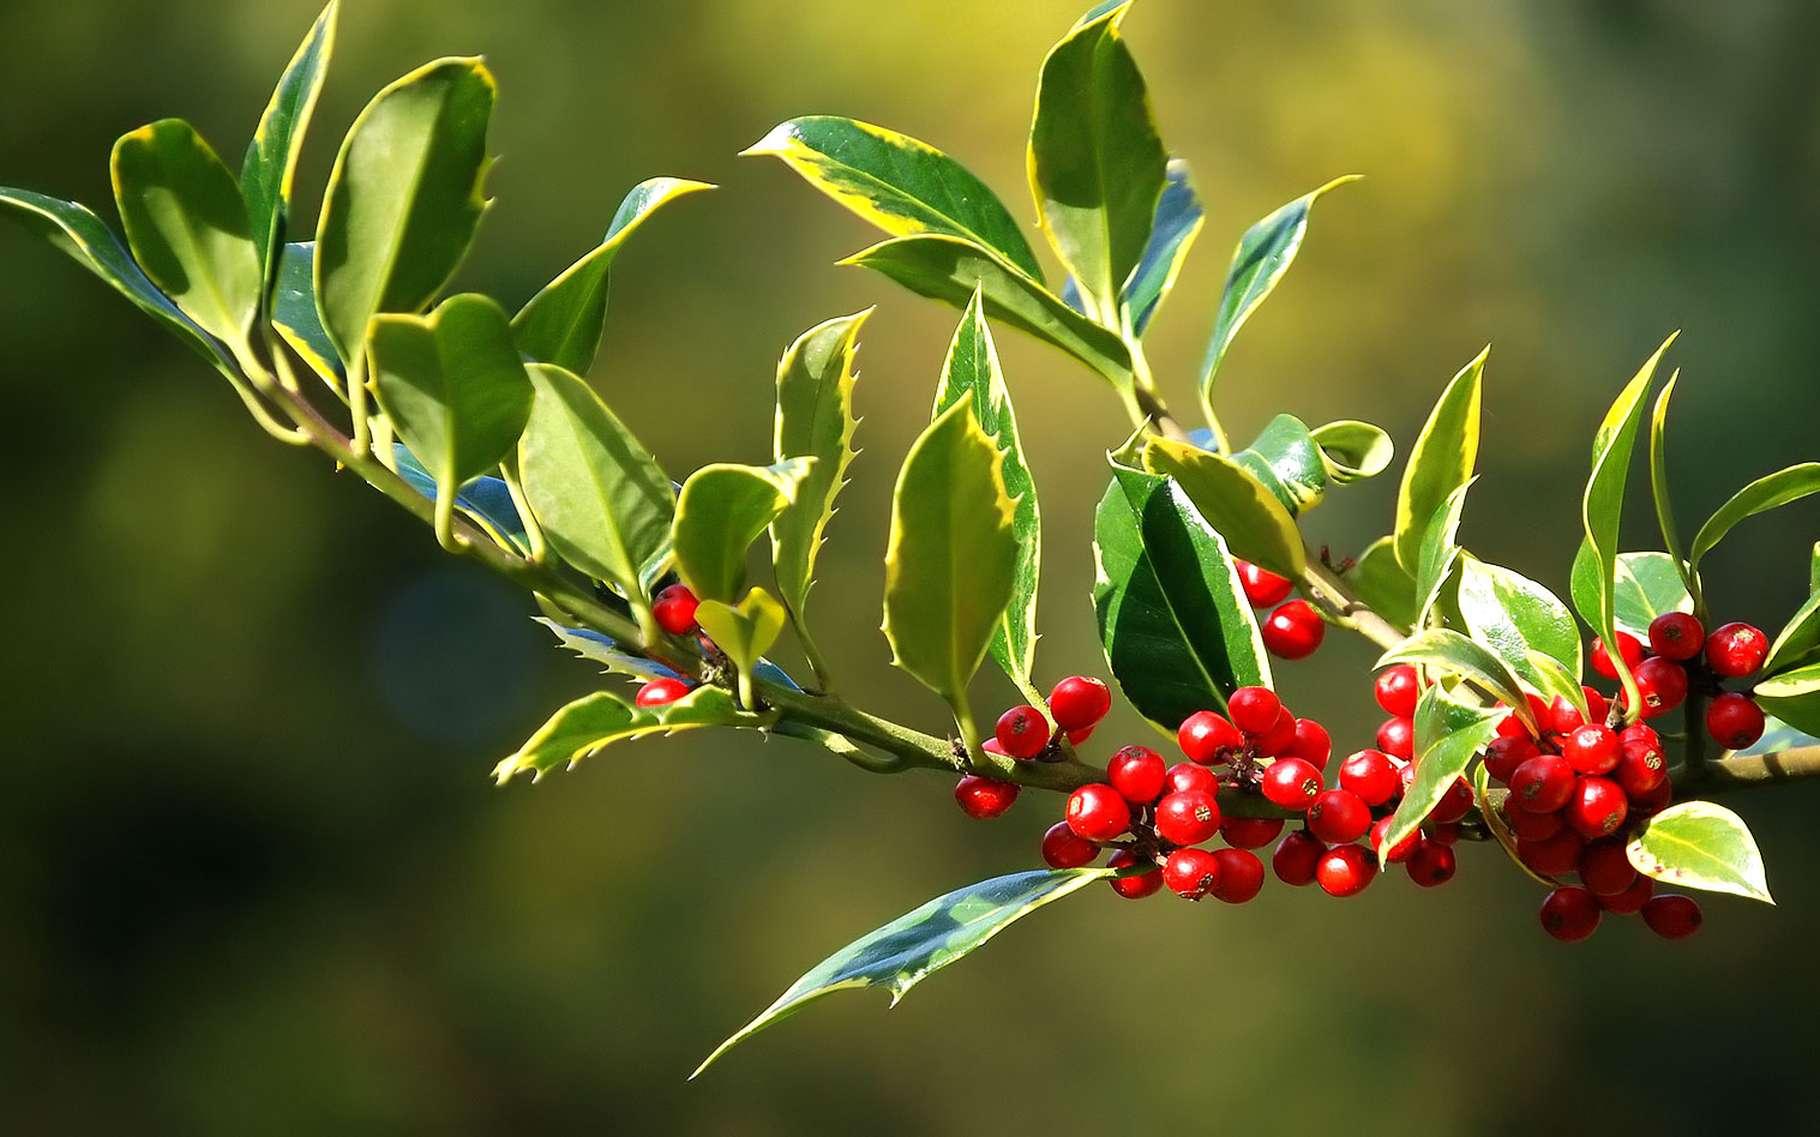 Le houx commun fait partie de la famille des aquifoliacées. © Ashley Dace-geograph.org CC by sa 2.0